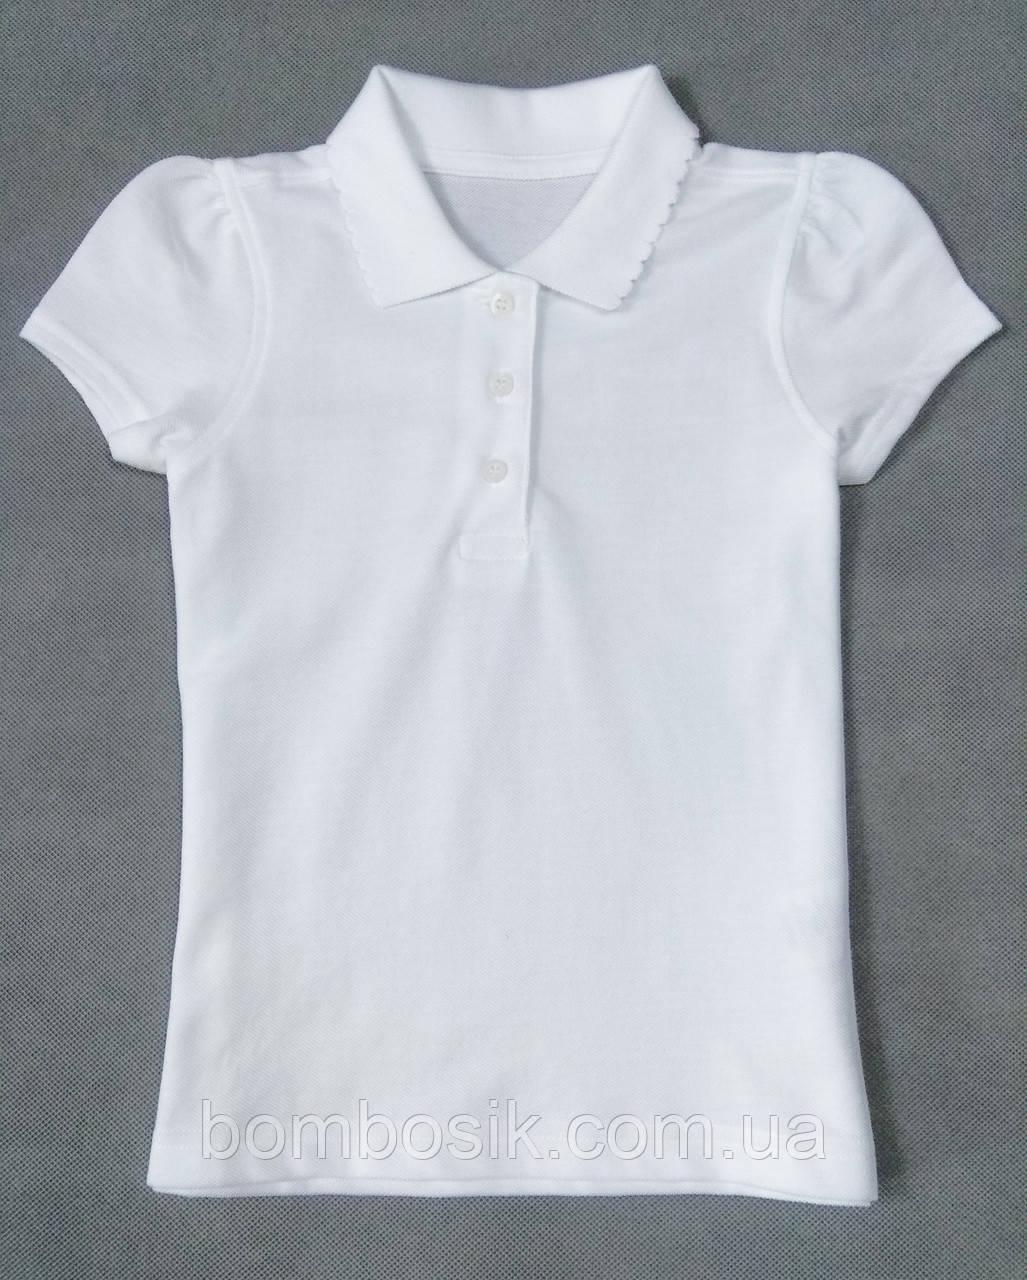 Футболка поло белая George для девочки Regular Fit, 4-5л (104-110см)